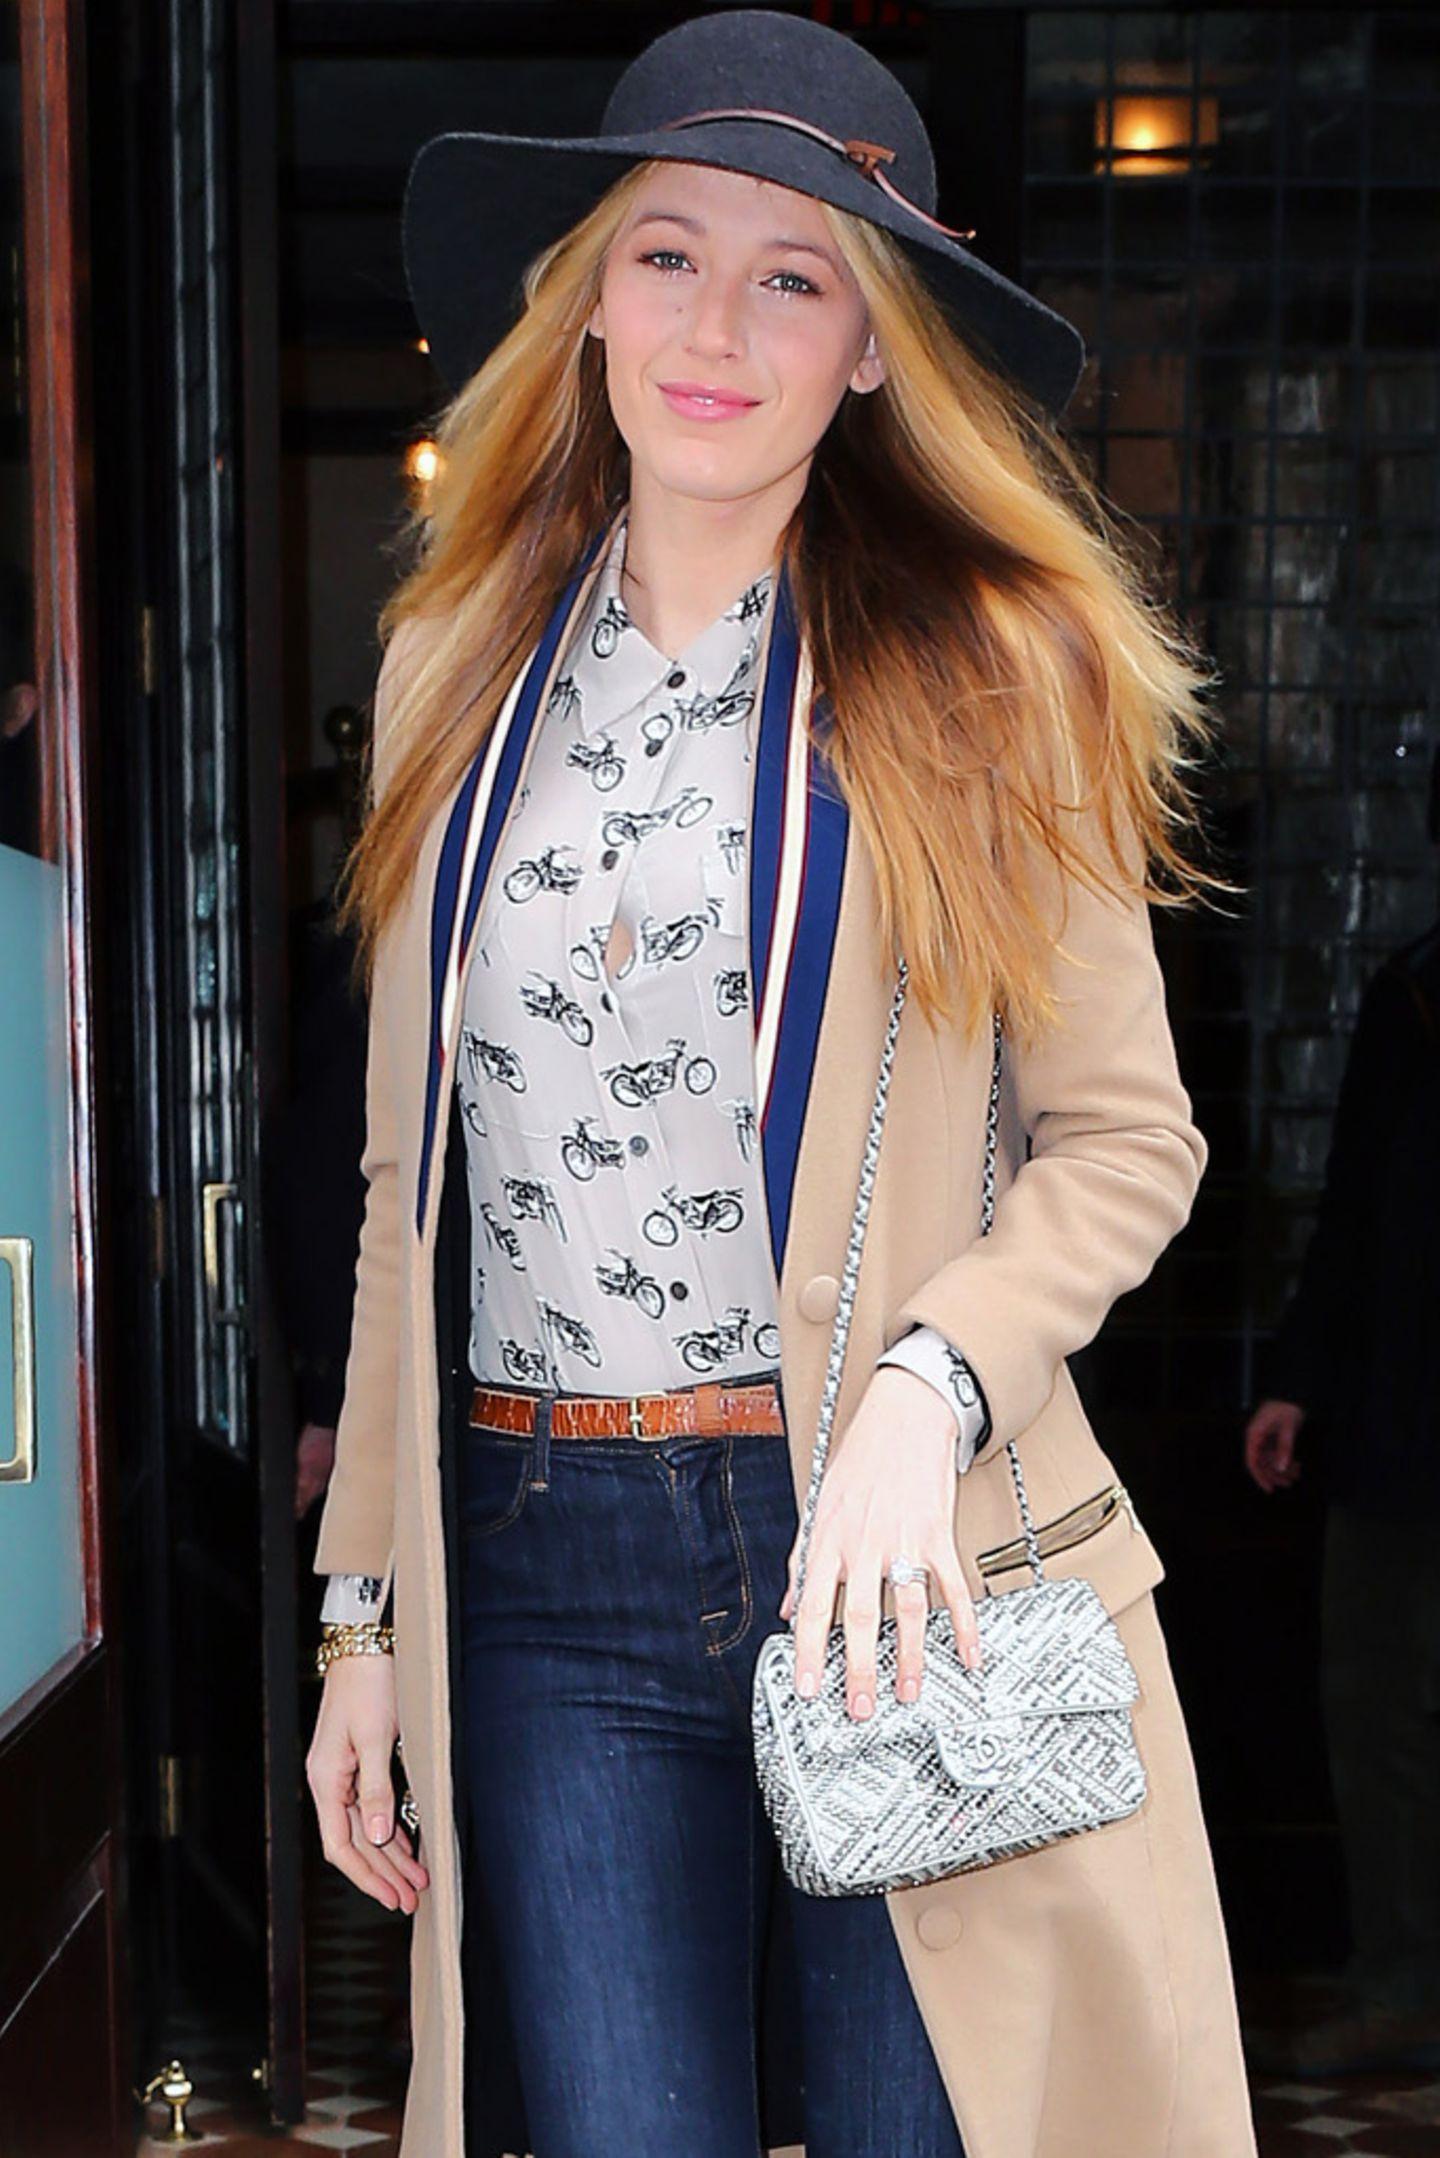 """Blake Lively liebt Mode und ganz besonders die teuren Stücke: Mit einer bestickten """"Chanel 2.55""""-Tasche (dieses Modell dürfte nicht unter 5.000 Euro zu haben sein) und einem Mantel (Modell MAX) des französischen Labels Valentine Gauthier für 445 Euro, verlässt sie ihr Hotel in New York."""